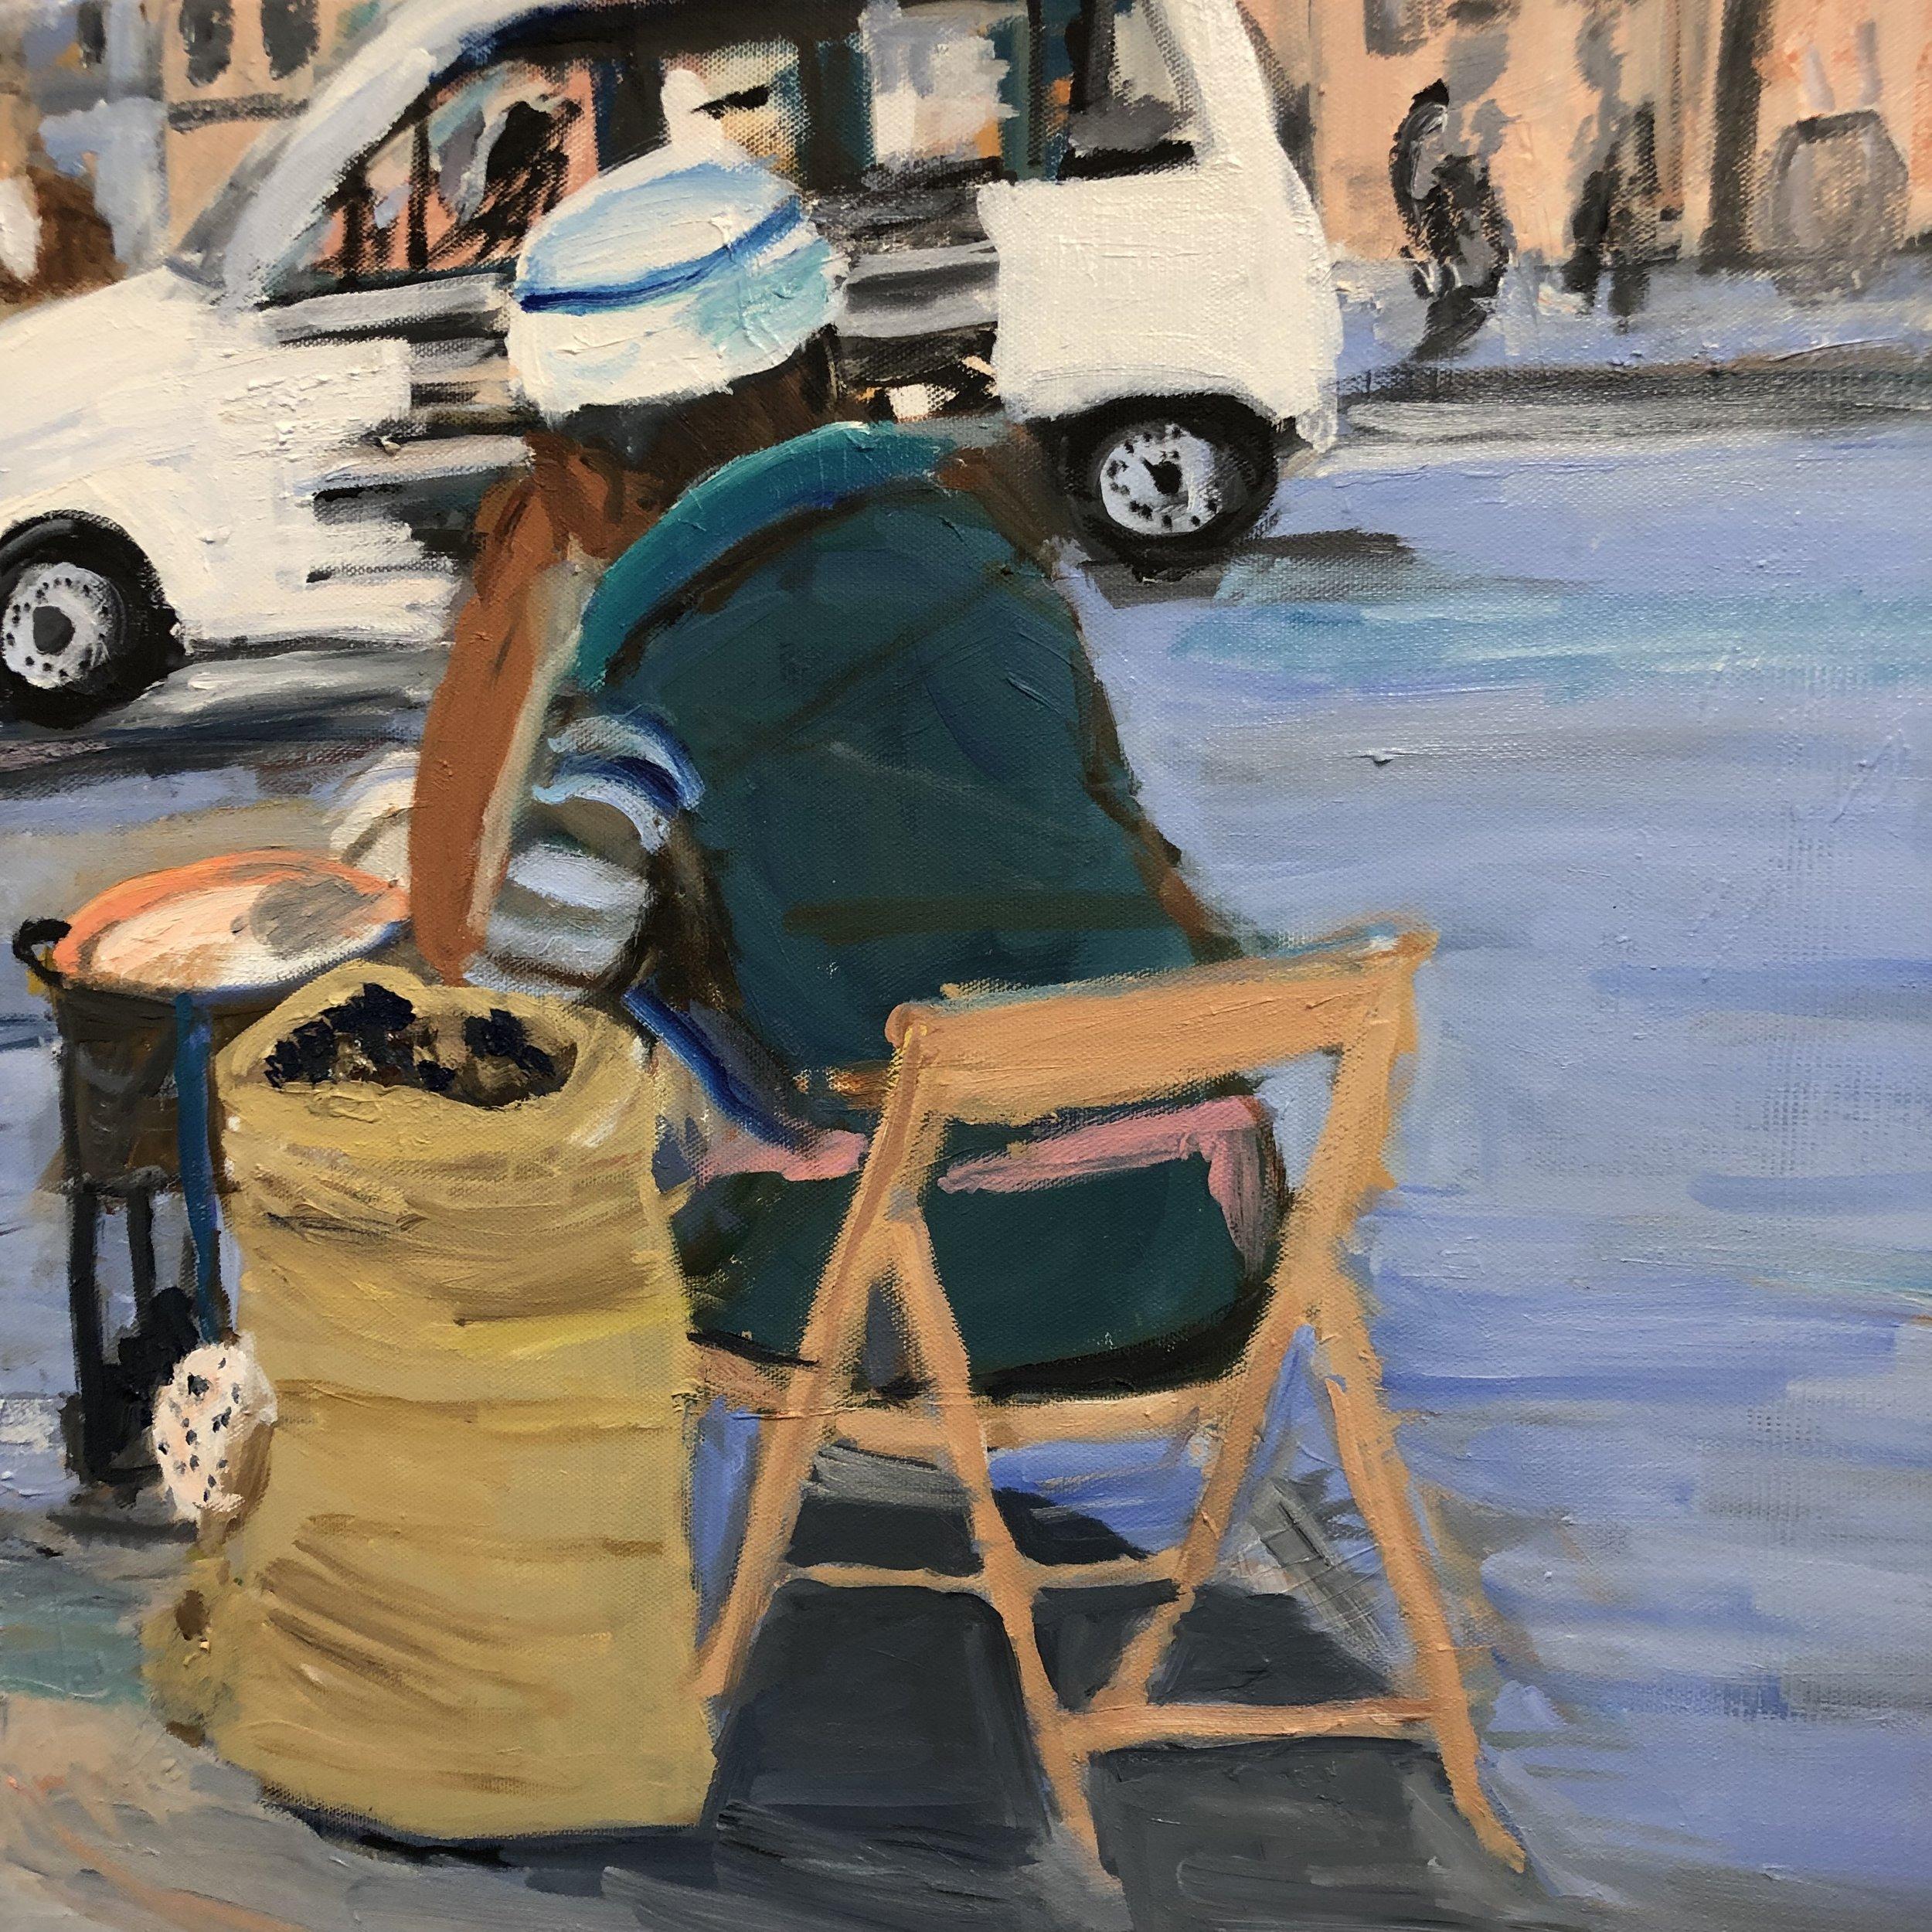 Streetscene in Rome (Chestnut seller)